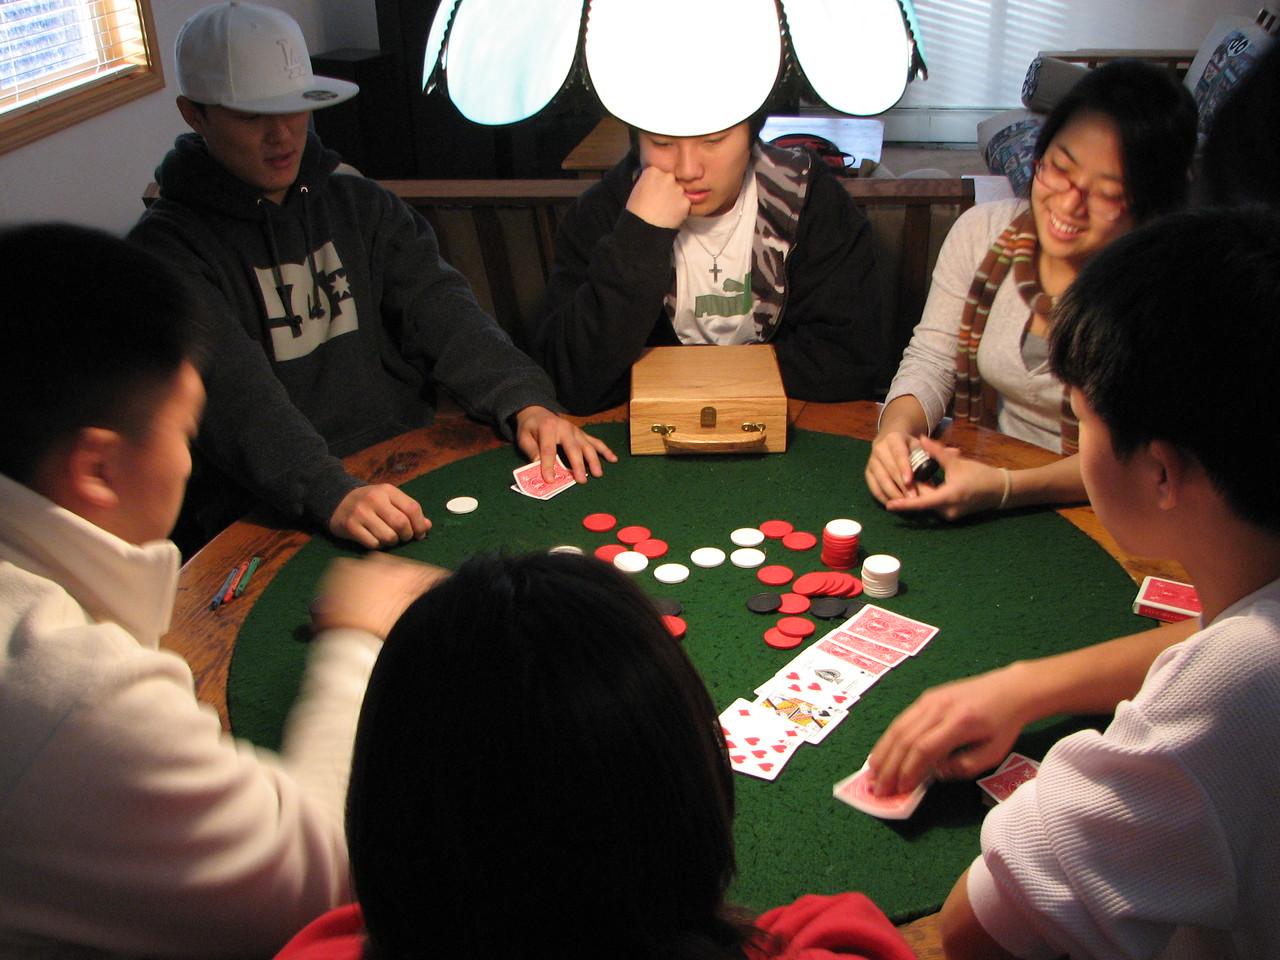 2006 12 20 Wed - Dan Tung, Ted Hong, Mark Choi, Shinae Kim, & Jay Lee hold 'em Texas